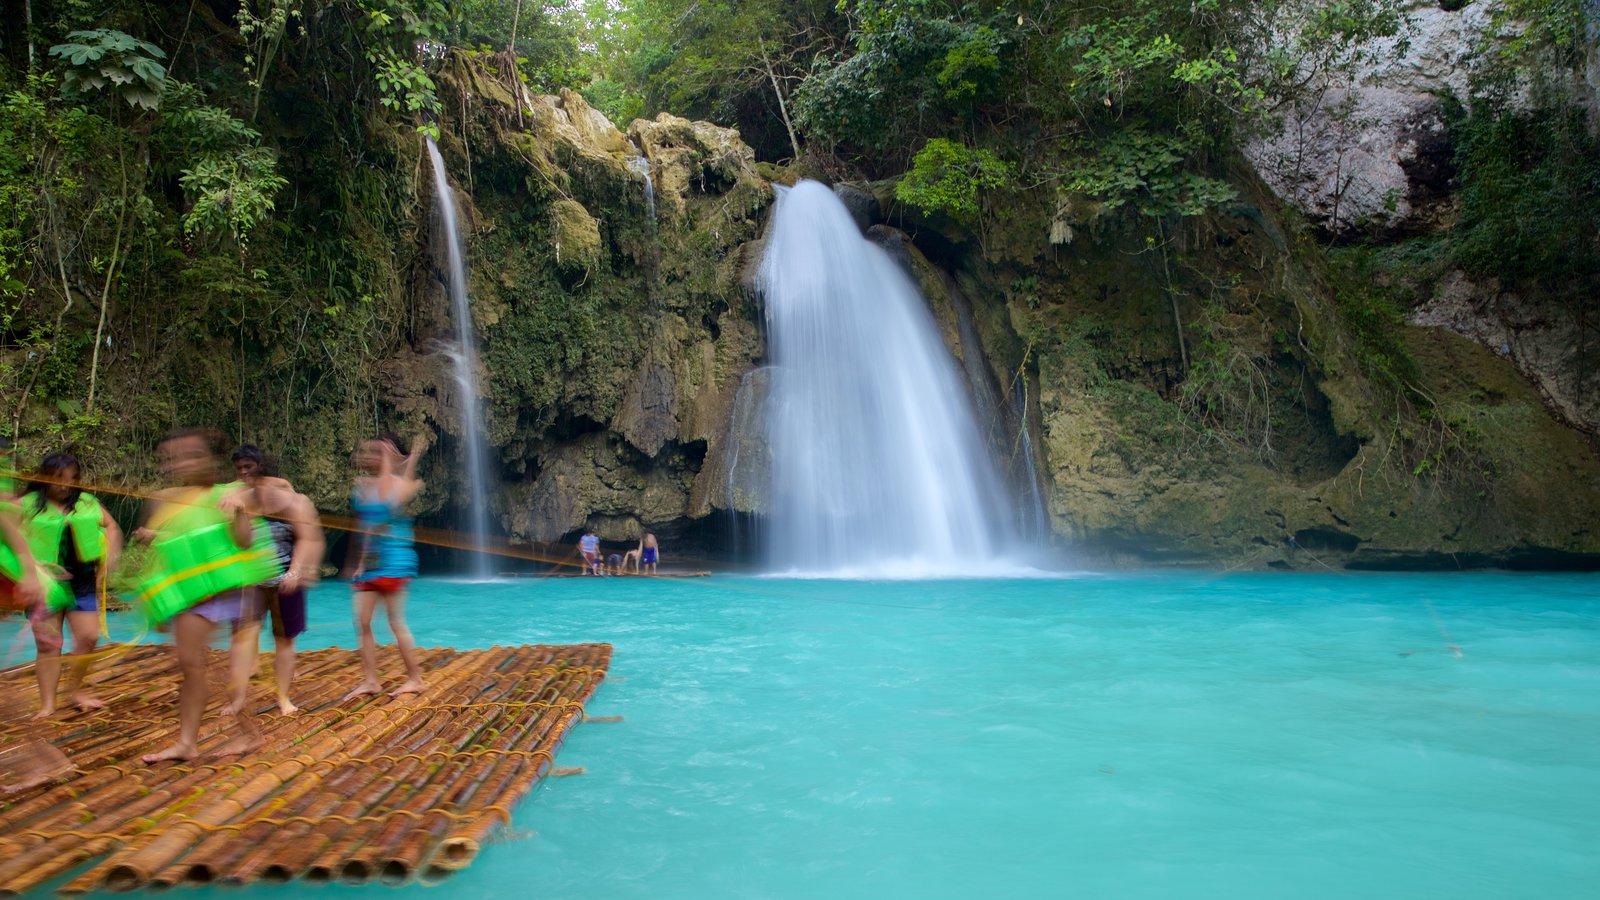 カワサン滝 フィーチャー 段滝 と 湖あるいは泉